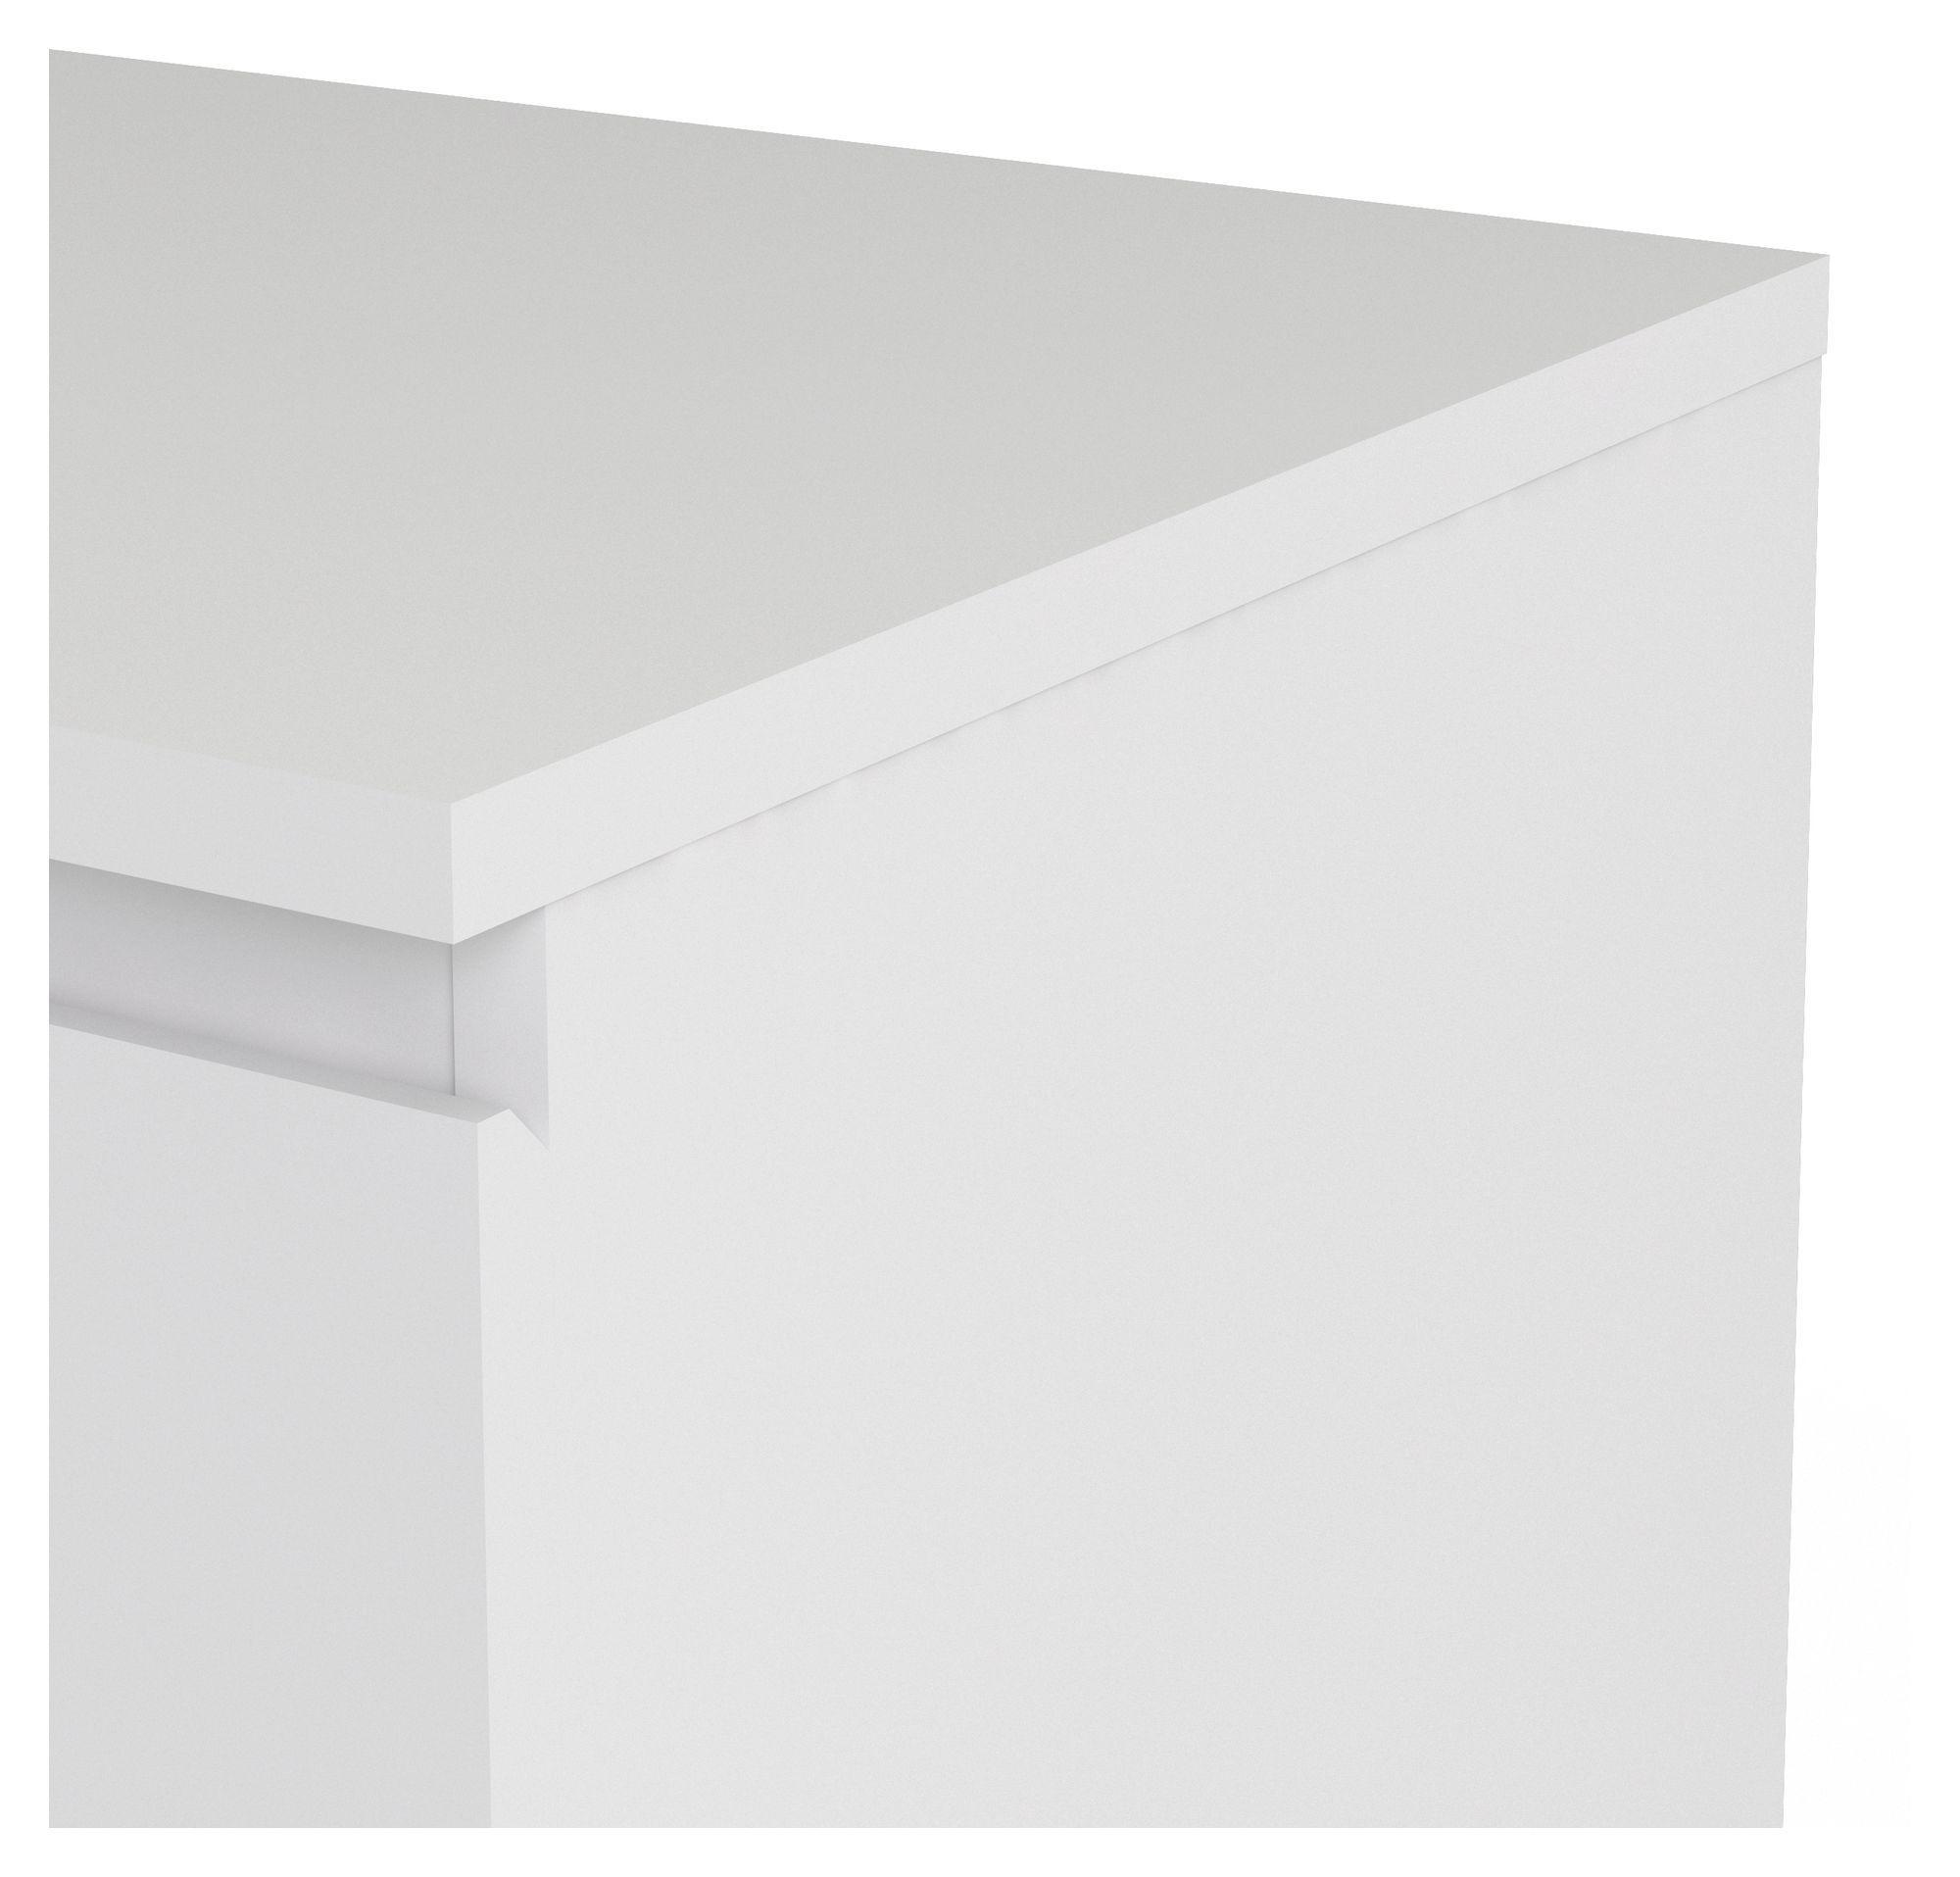 Nova Skænk - Hvid - Hvid skænk med 3 skuffer